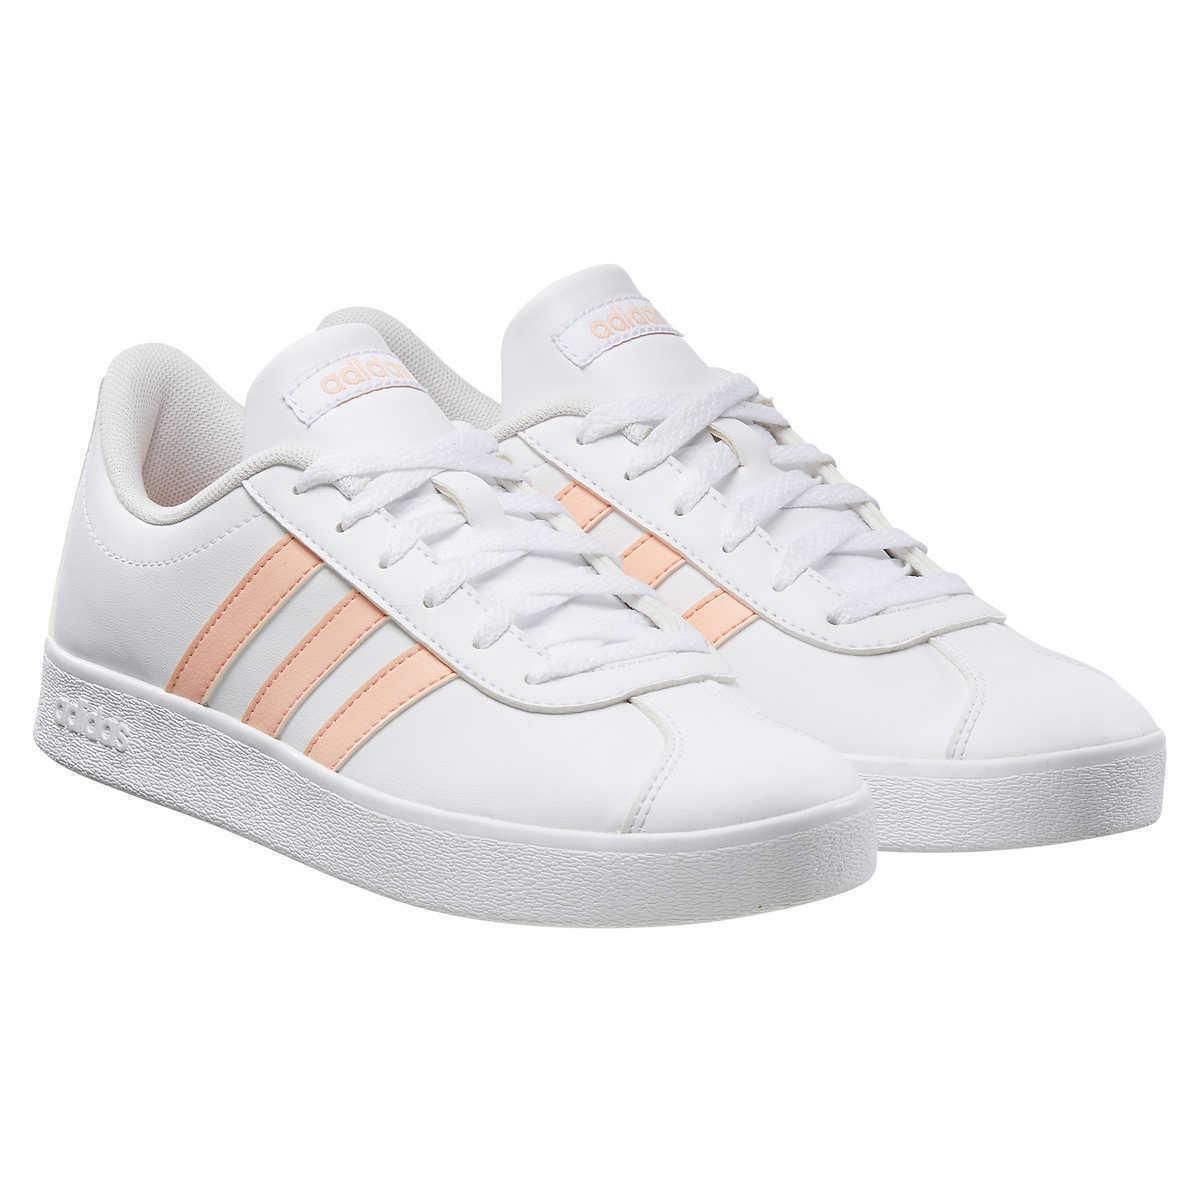 Nuevo adidas Infantil Blanco Rosa Vl Tribunal 2.0 Patín Tenis Gimnasio Zapatos